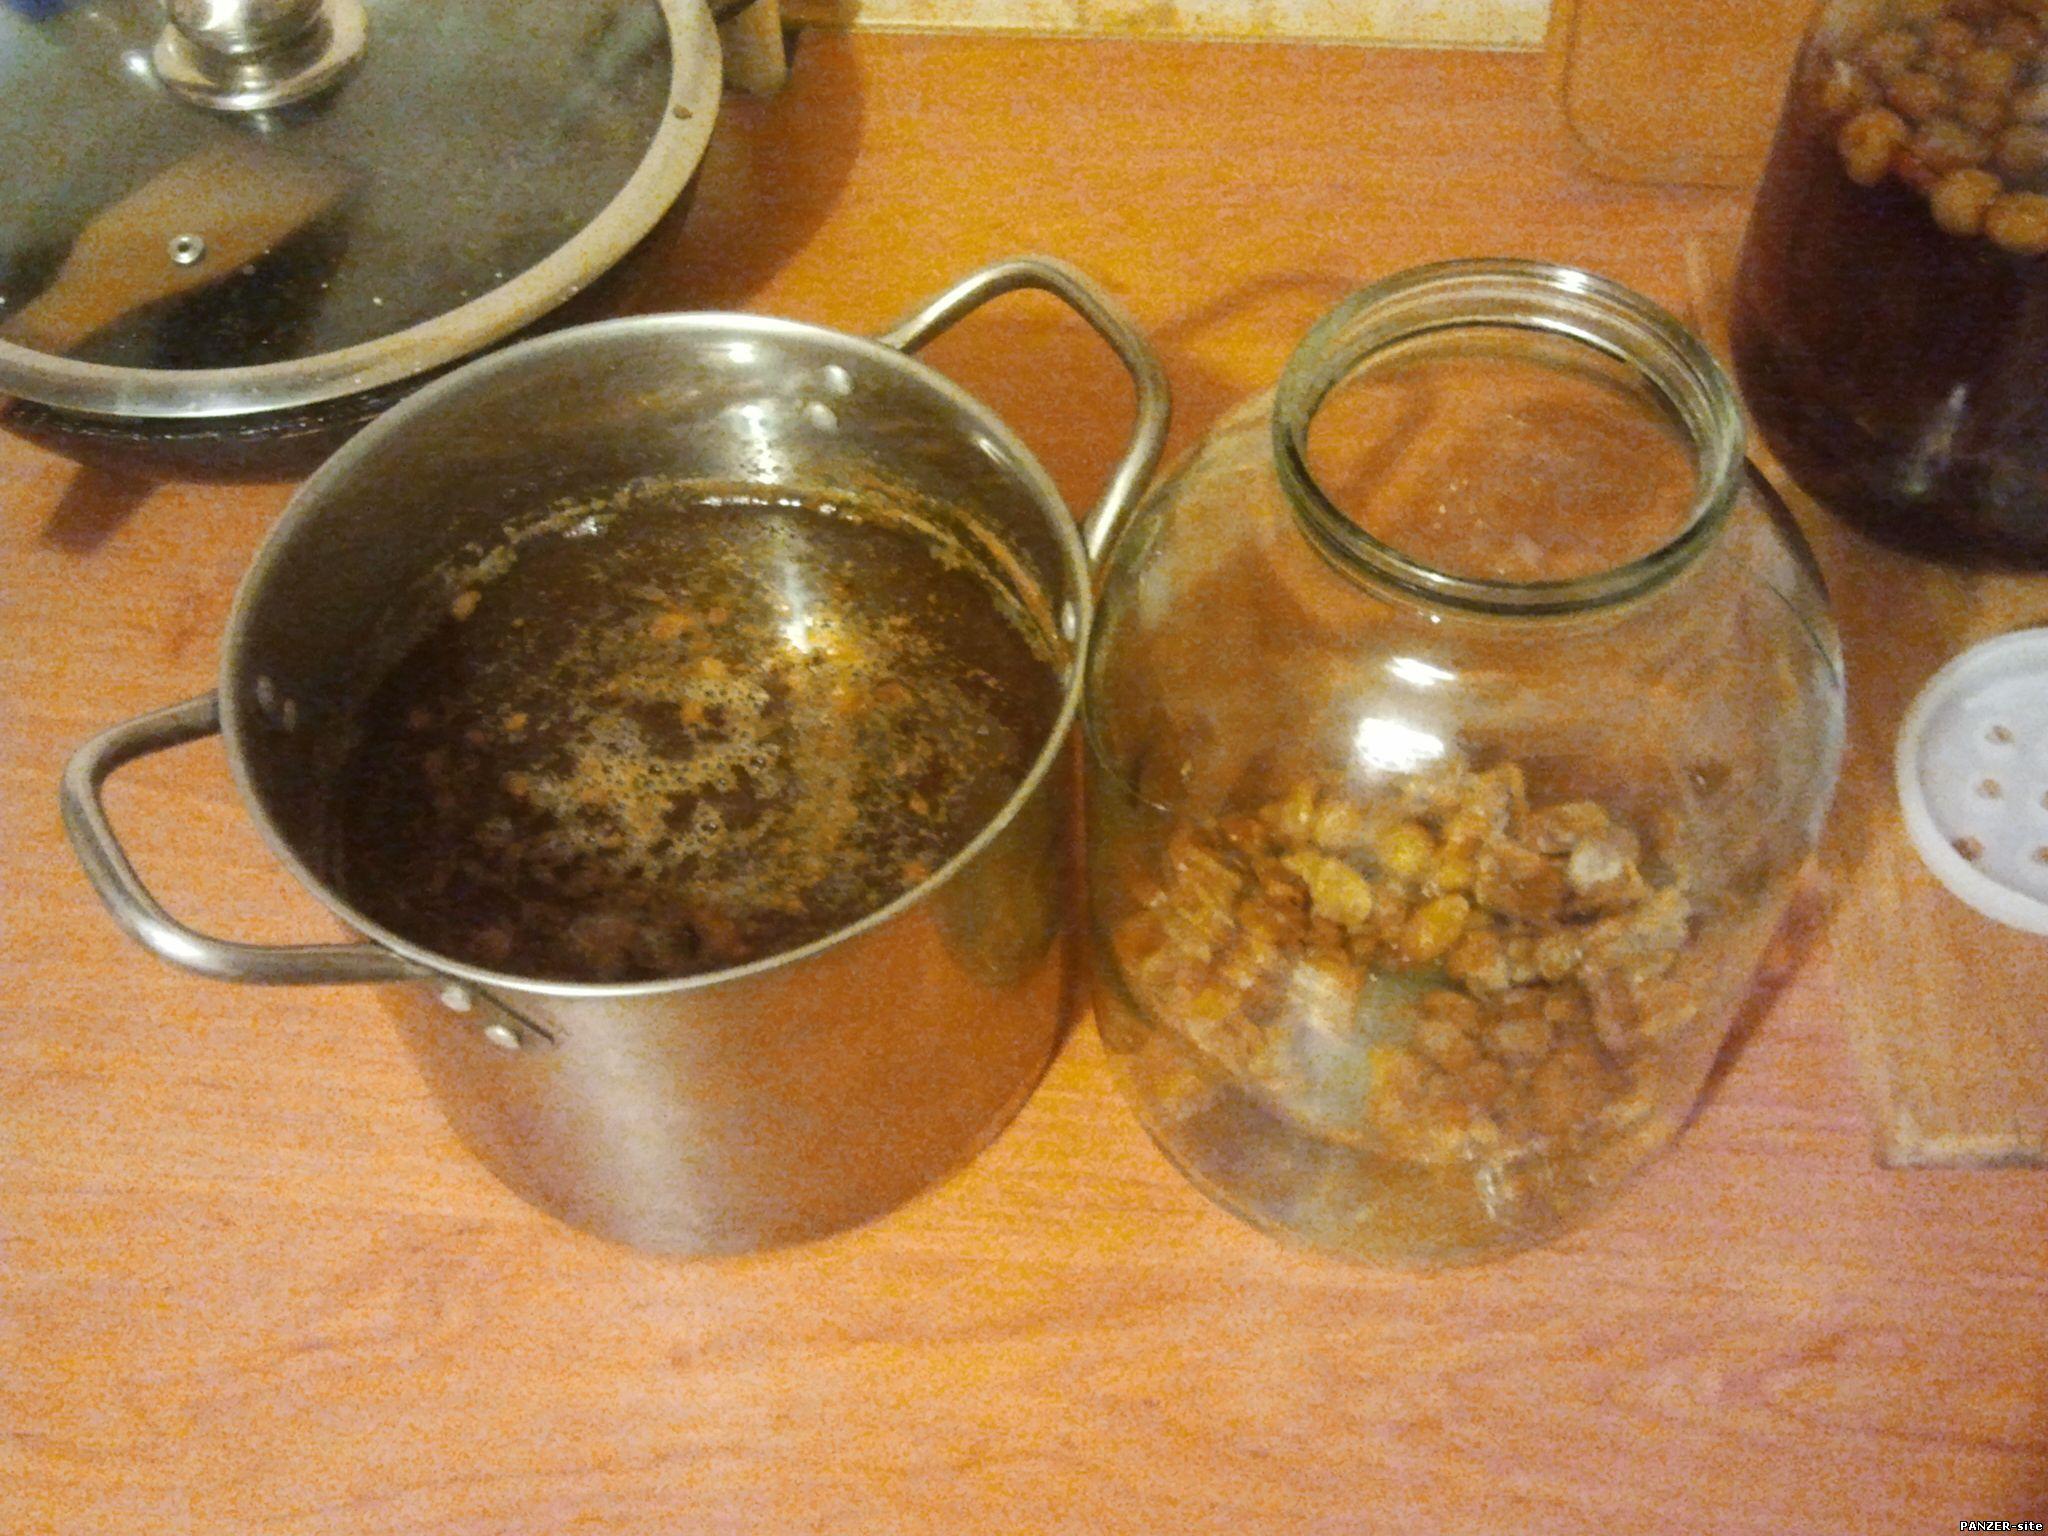 Рецепты медовухи без кипячения